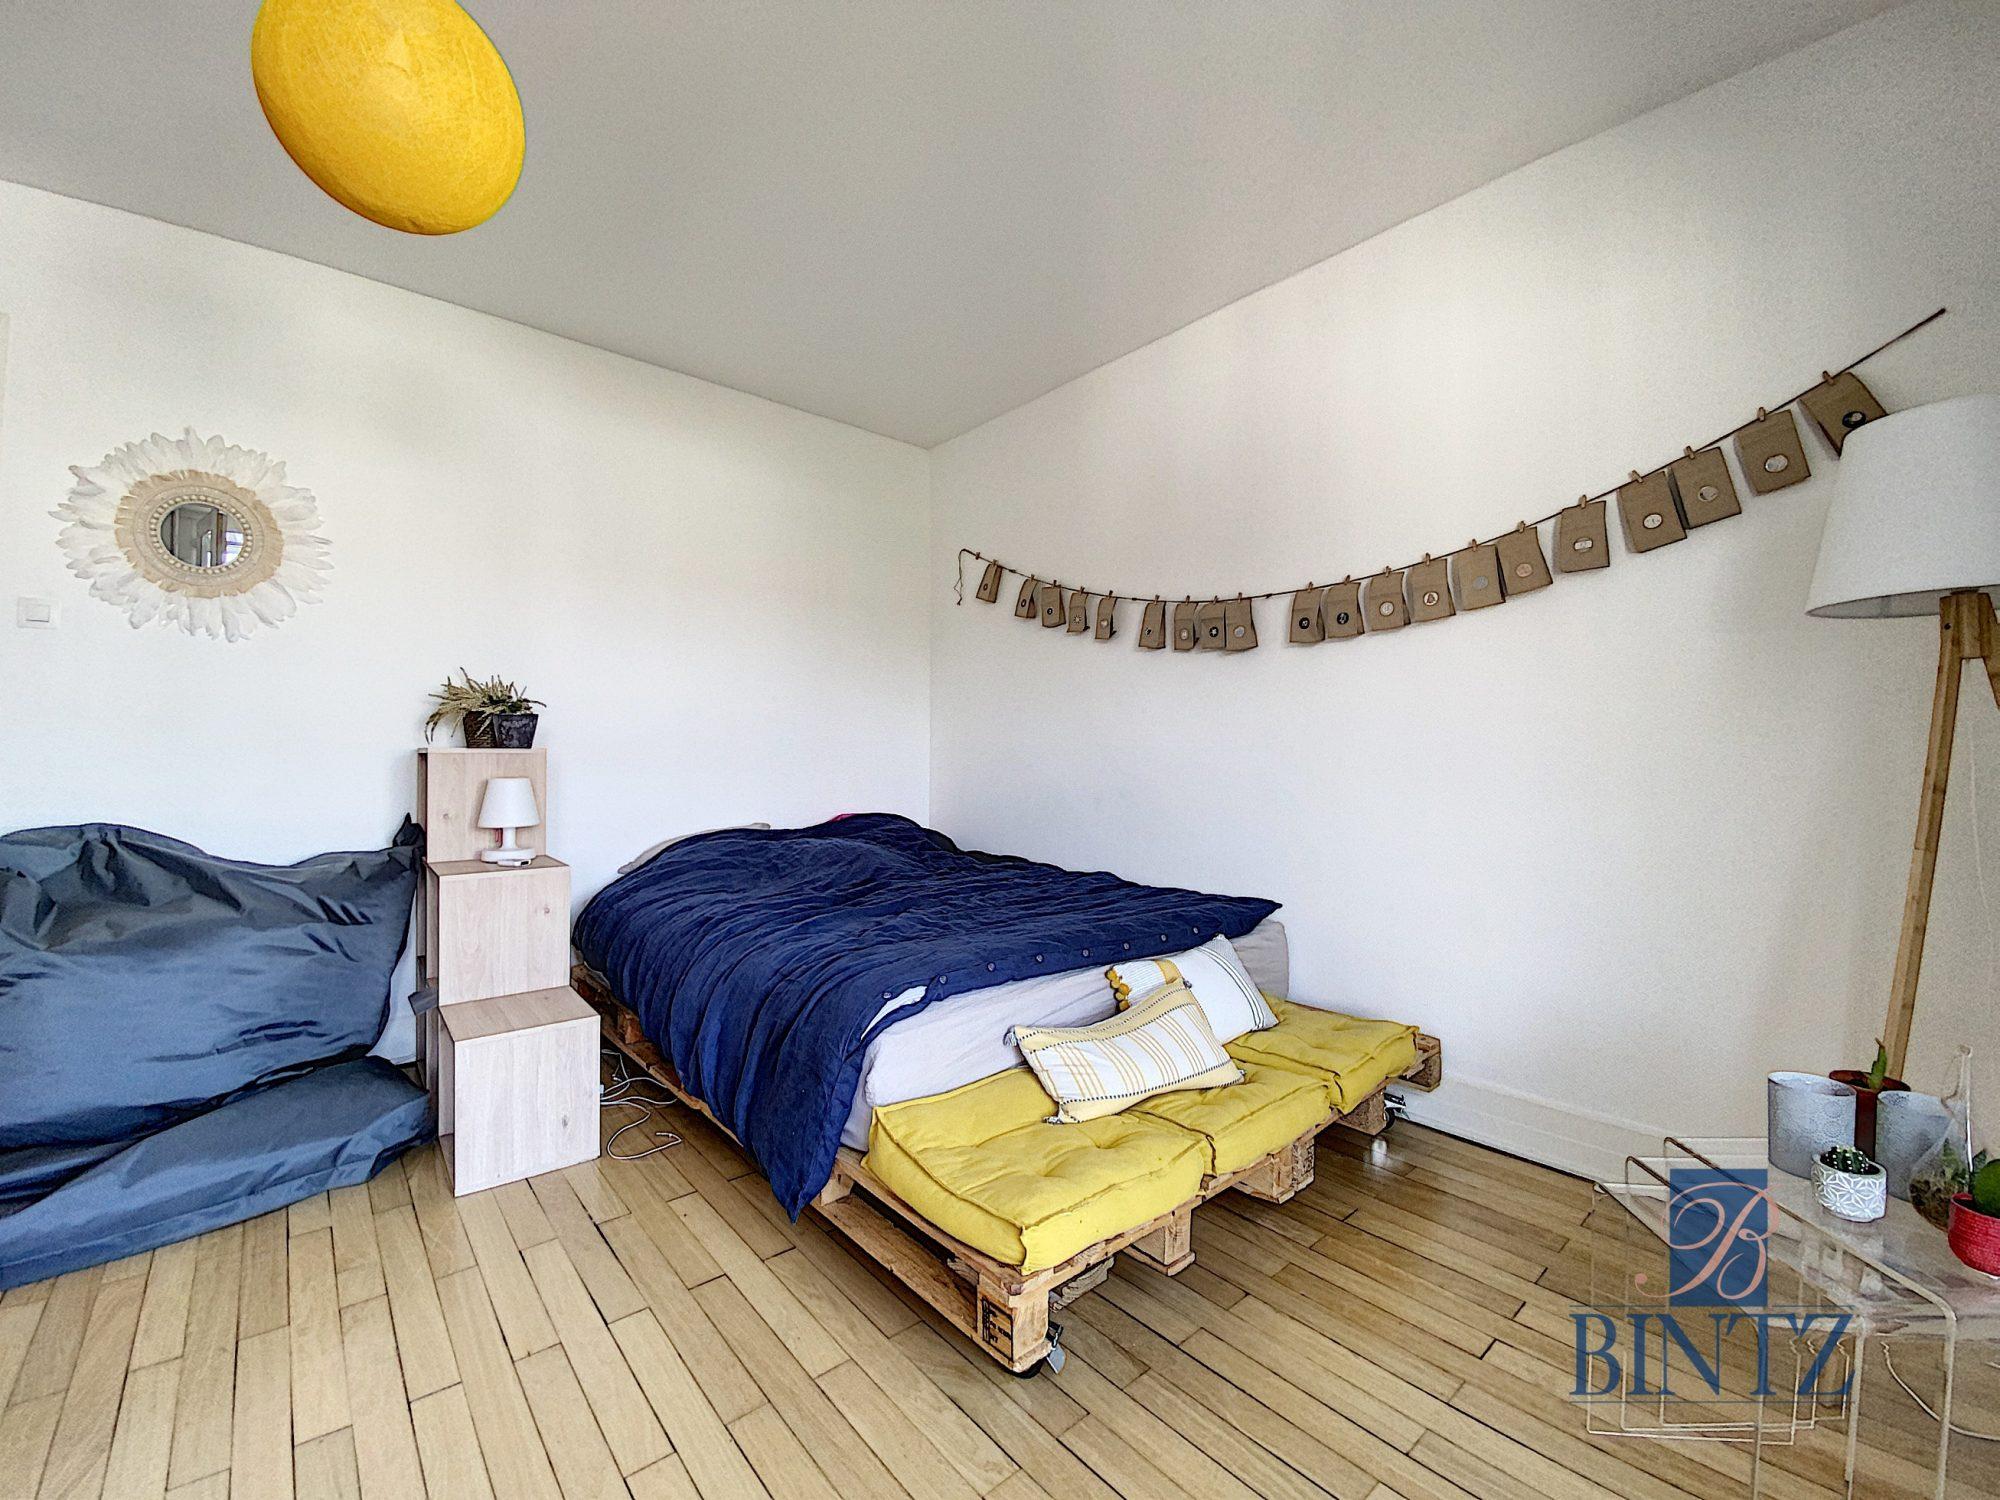 1 PIÈCE QUARTIER KRUTENAU - Devenez locataire en toute sérénité - Bintz Immobilier - 6